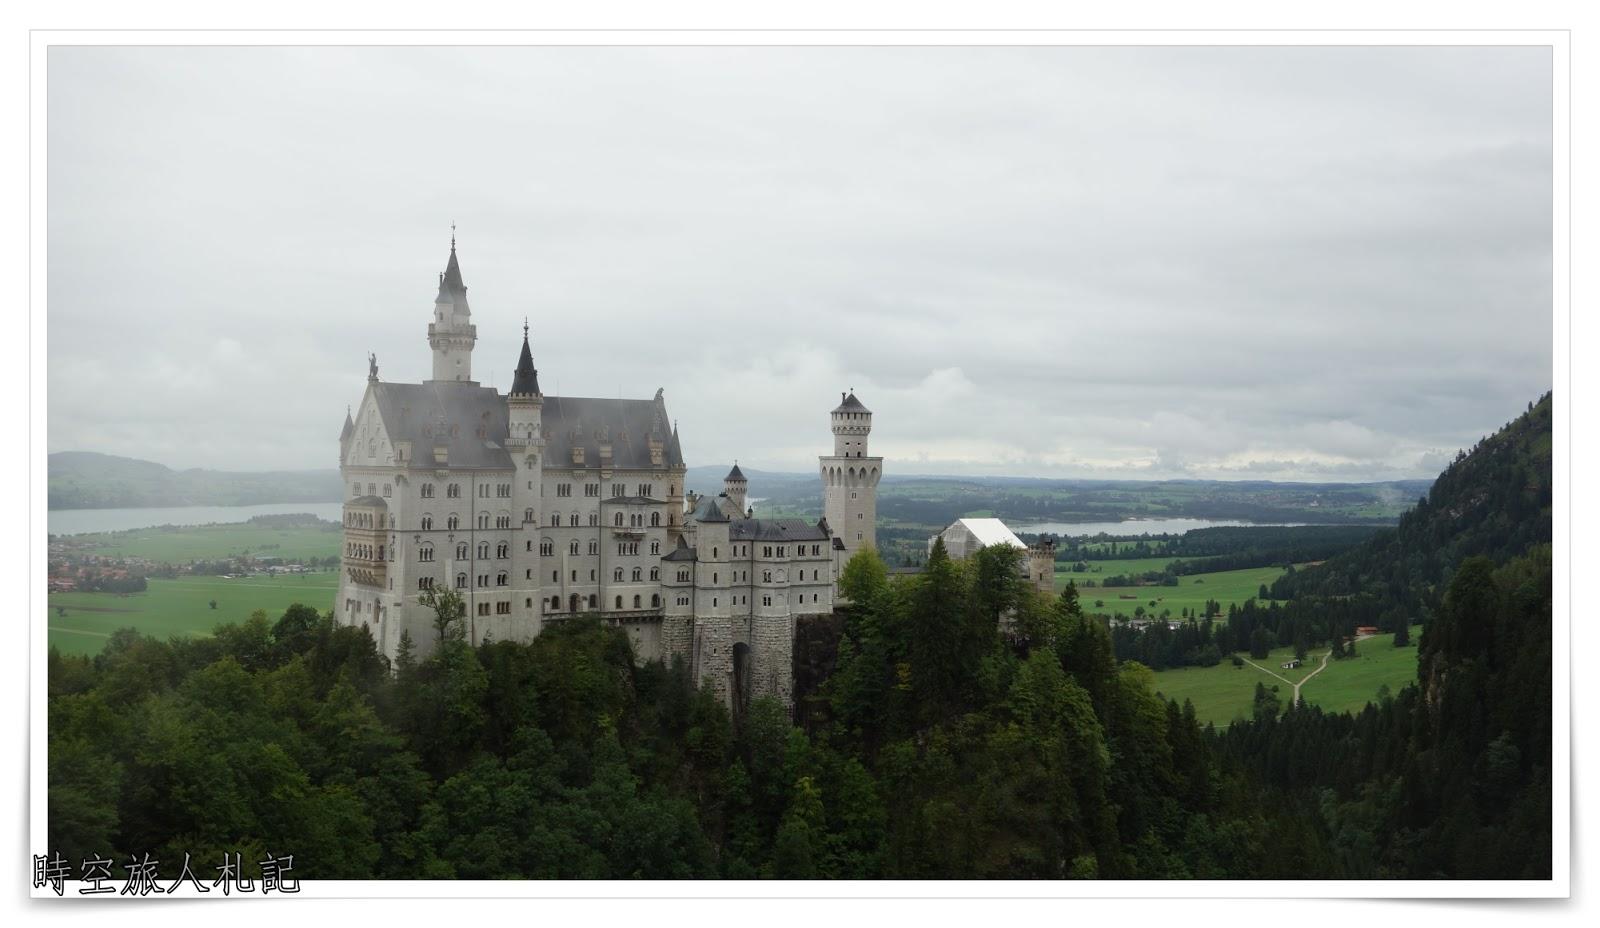 新天鵝堡Neuschwansteinstraße與高天鵝堡Schloss Hohenschwangau: 瘋狂國王路德維希的童話世界